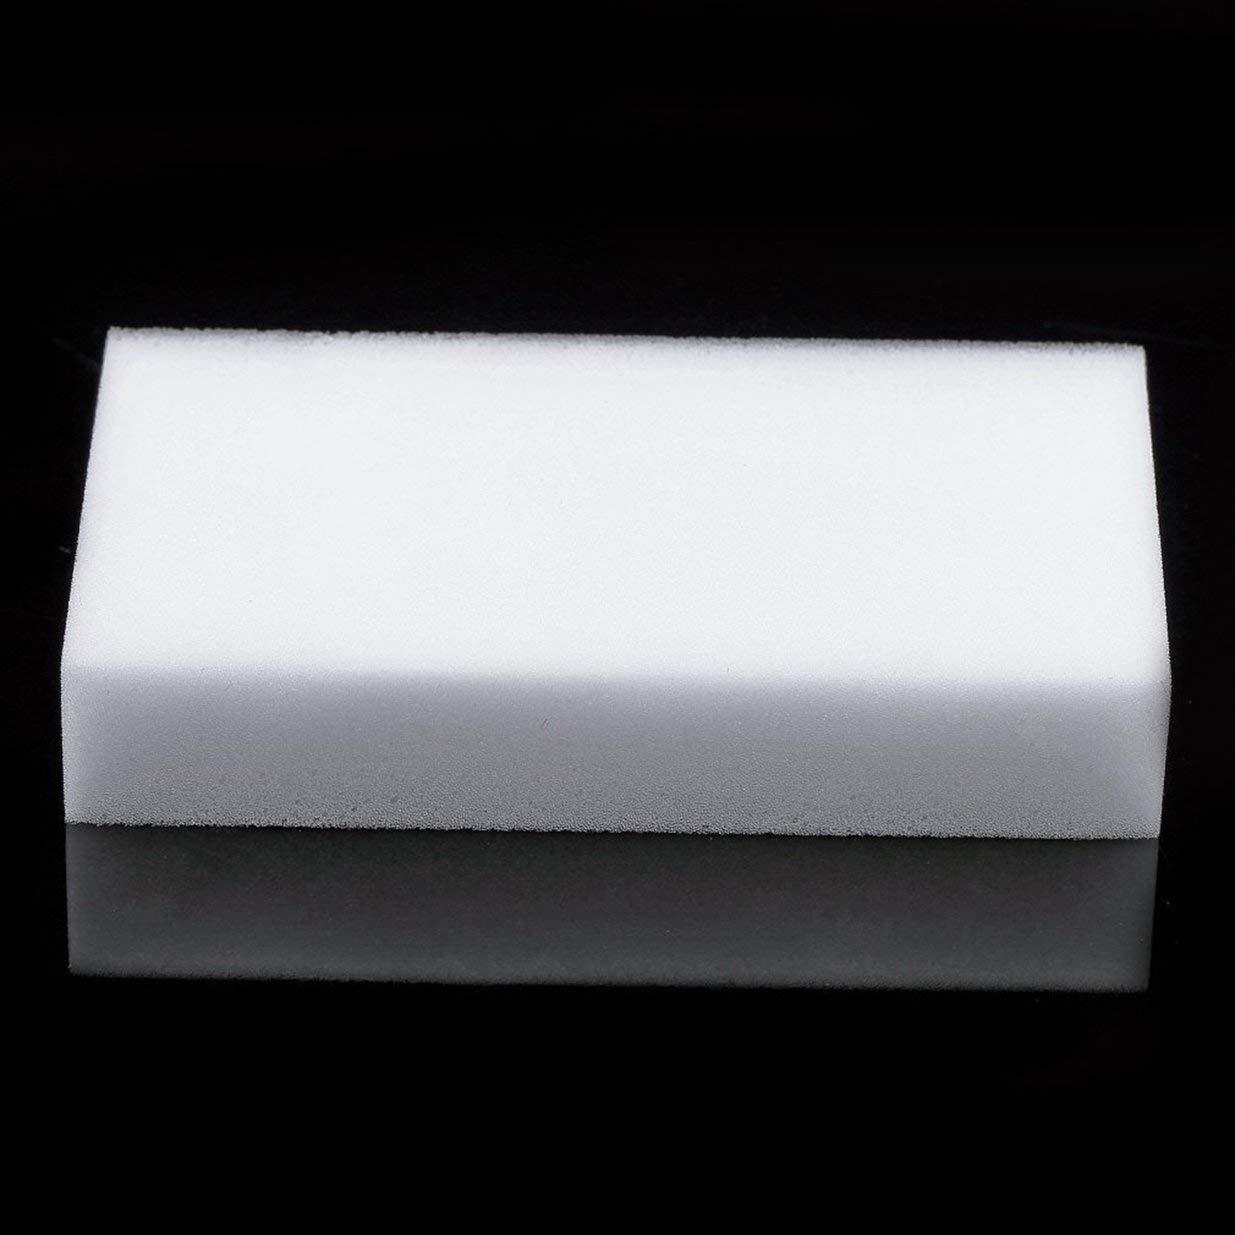 Tetlow 10 Piezas de Esponja del Borrador del Limpiador Limpio m/ágico de Limpieza de Espuma Blanca Multifuncional